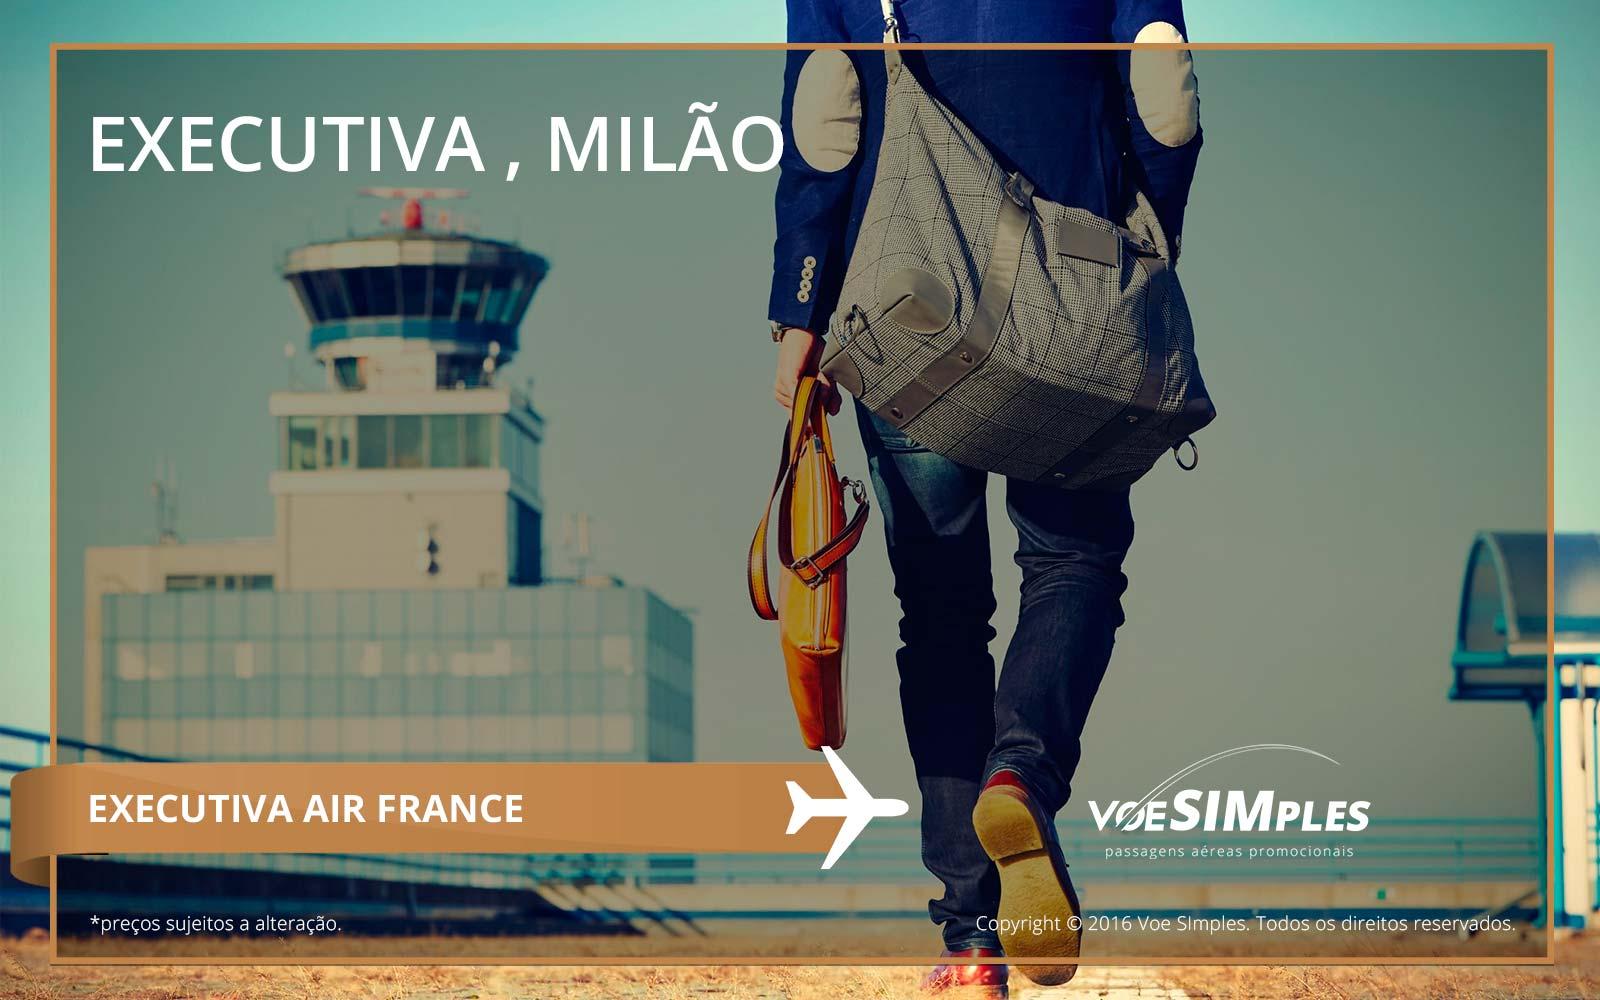 Passagem aérea Classe Executiva Air France para Milão